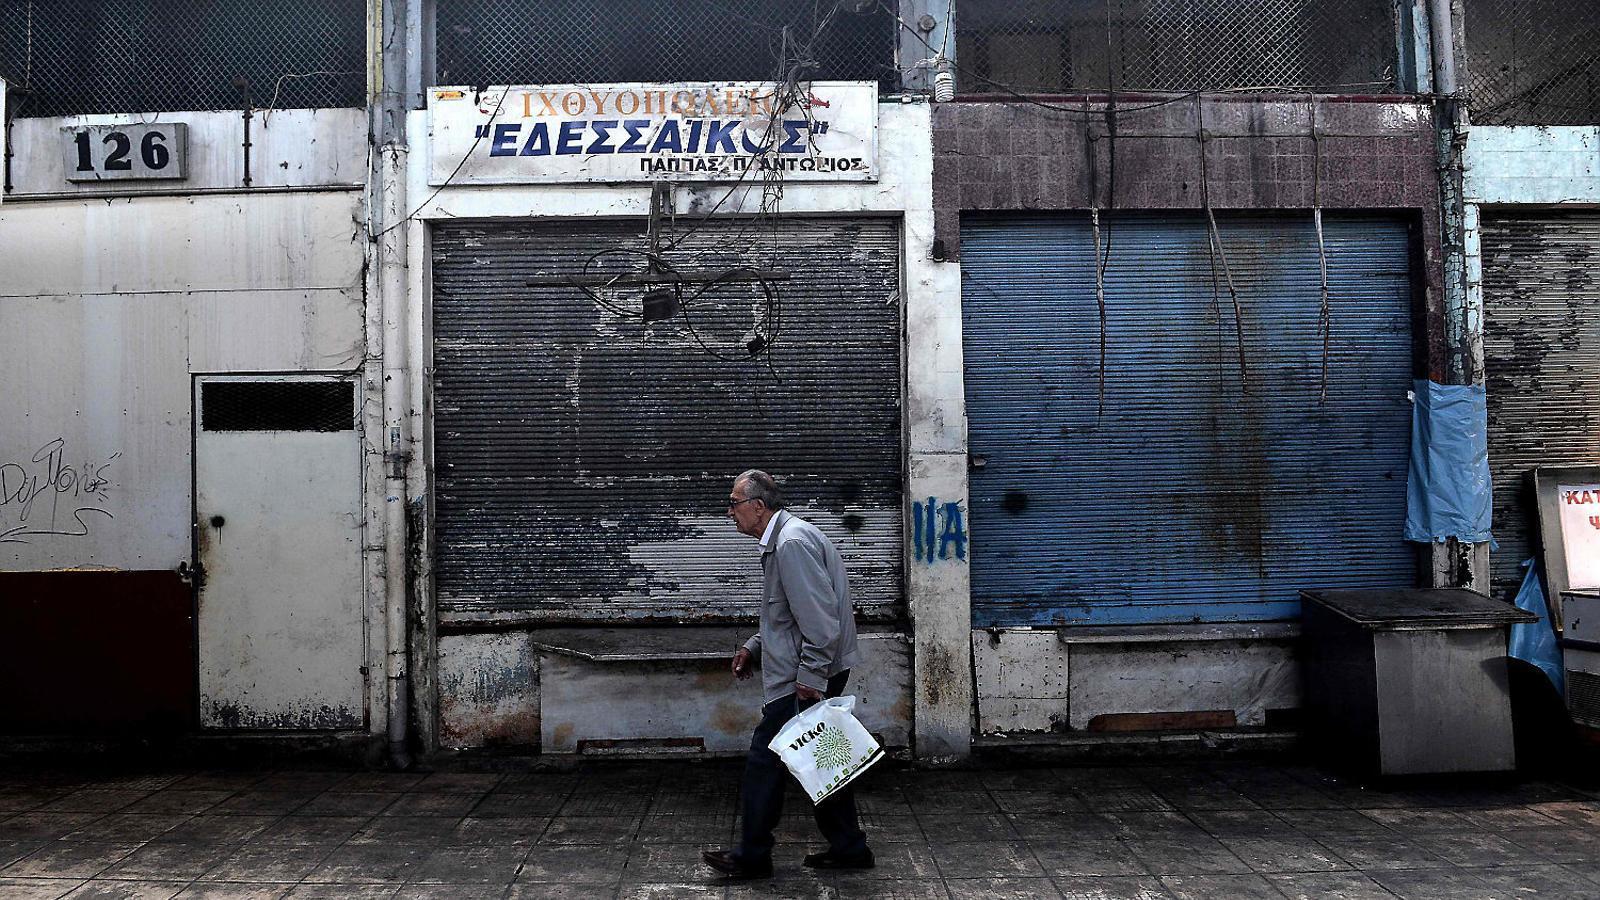 L'austeritat imposada per Europa ha fet augmentar la pobresa a Grècia. A la foto, un home passejant ahir per Tessalònica.